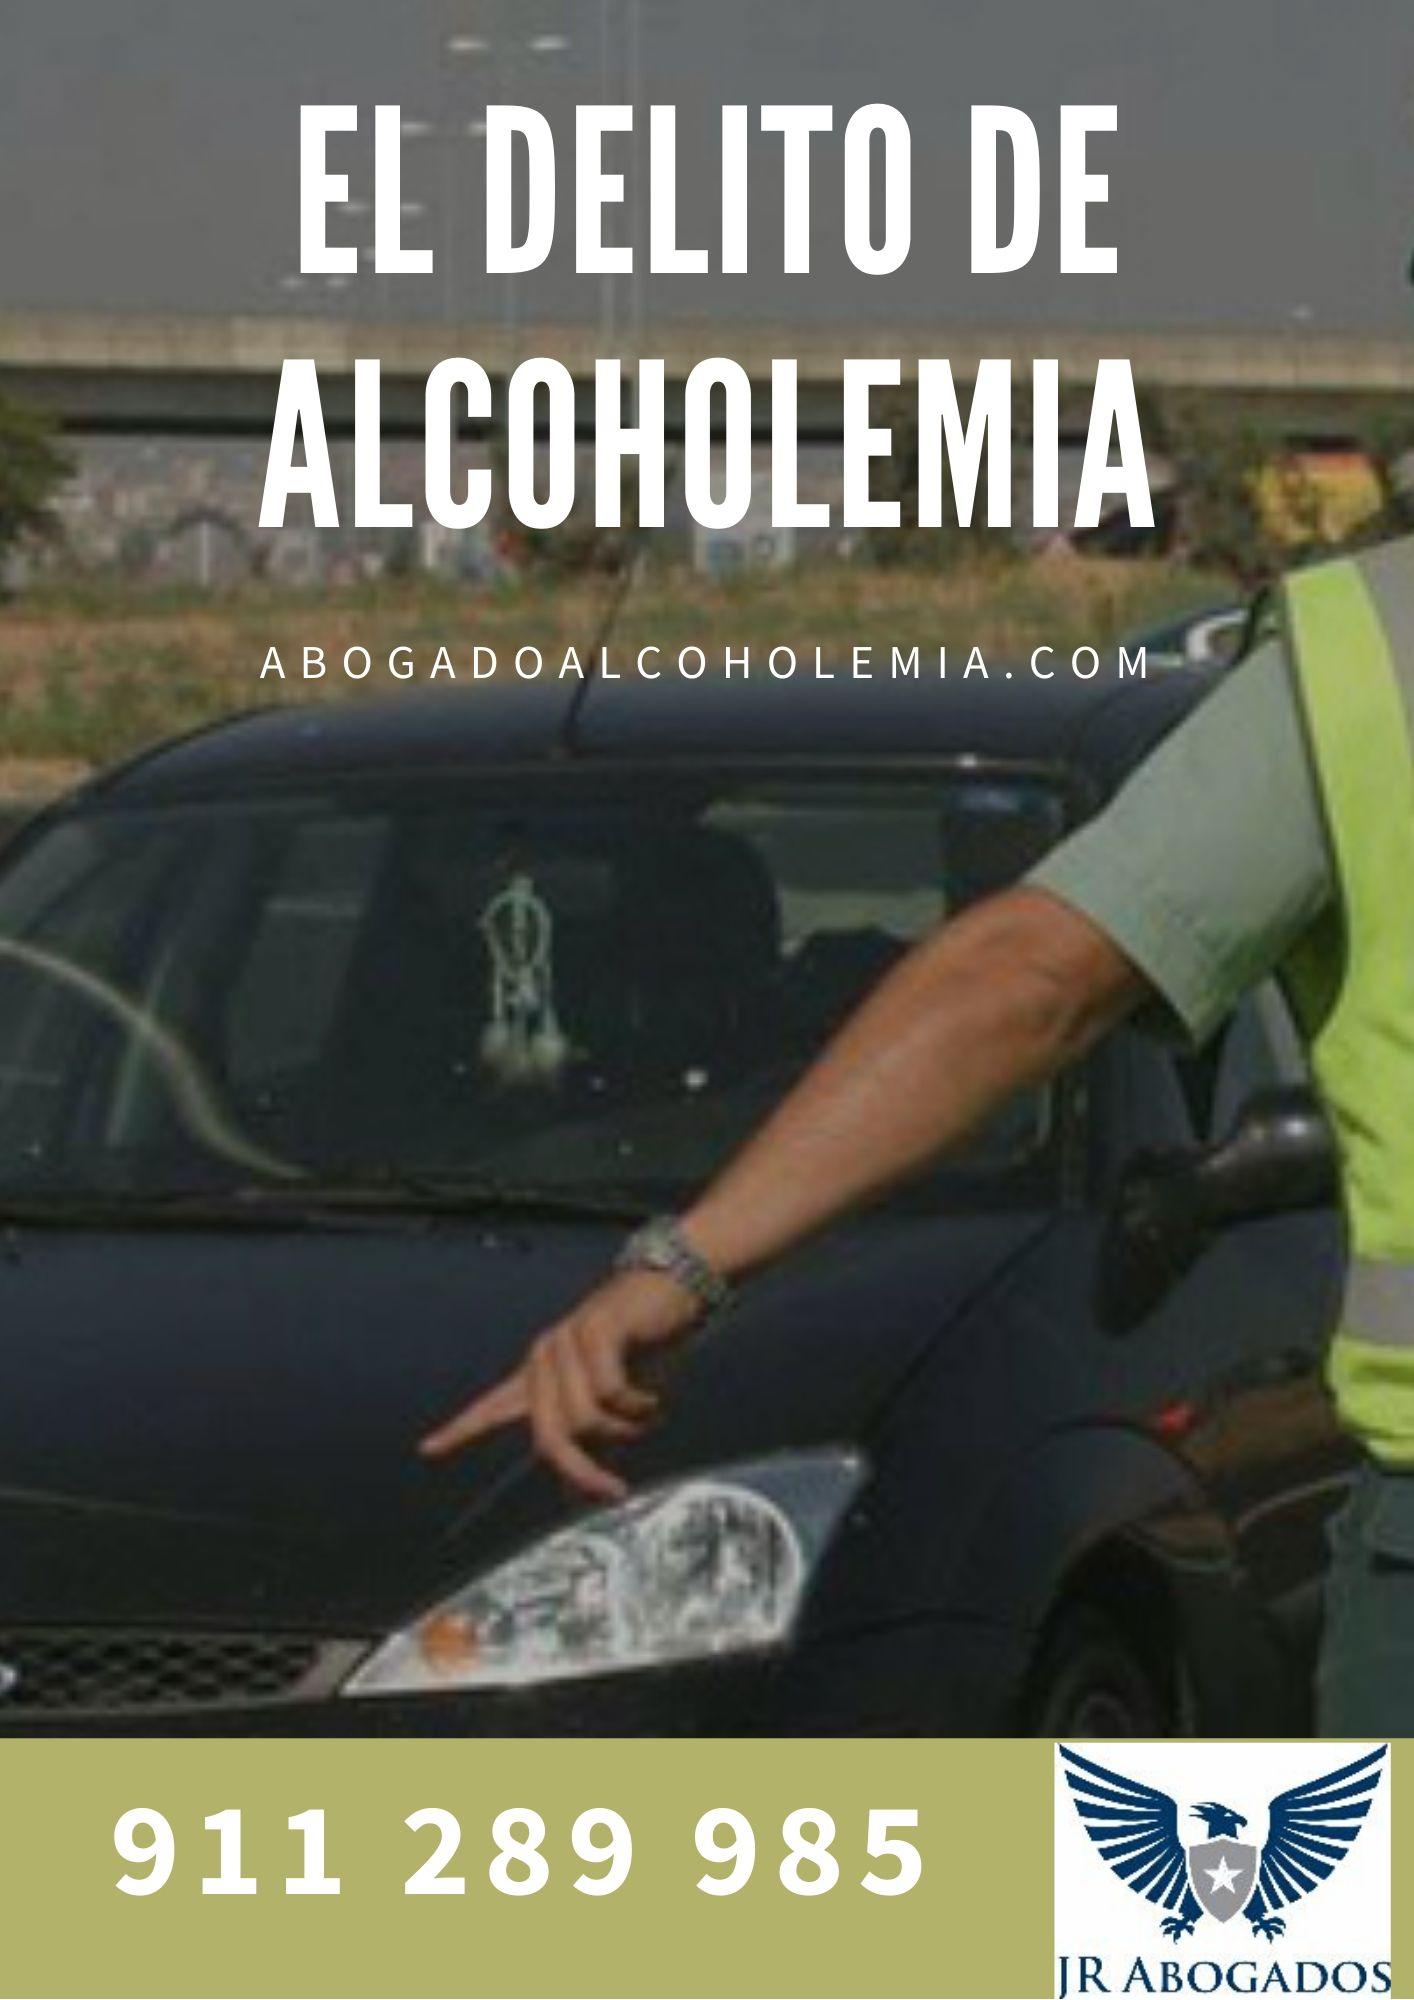 El delito de alcoholemia